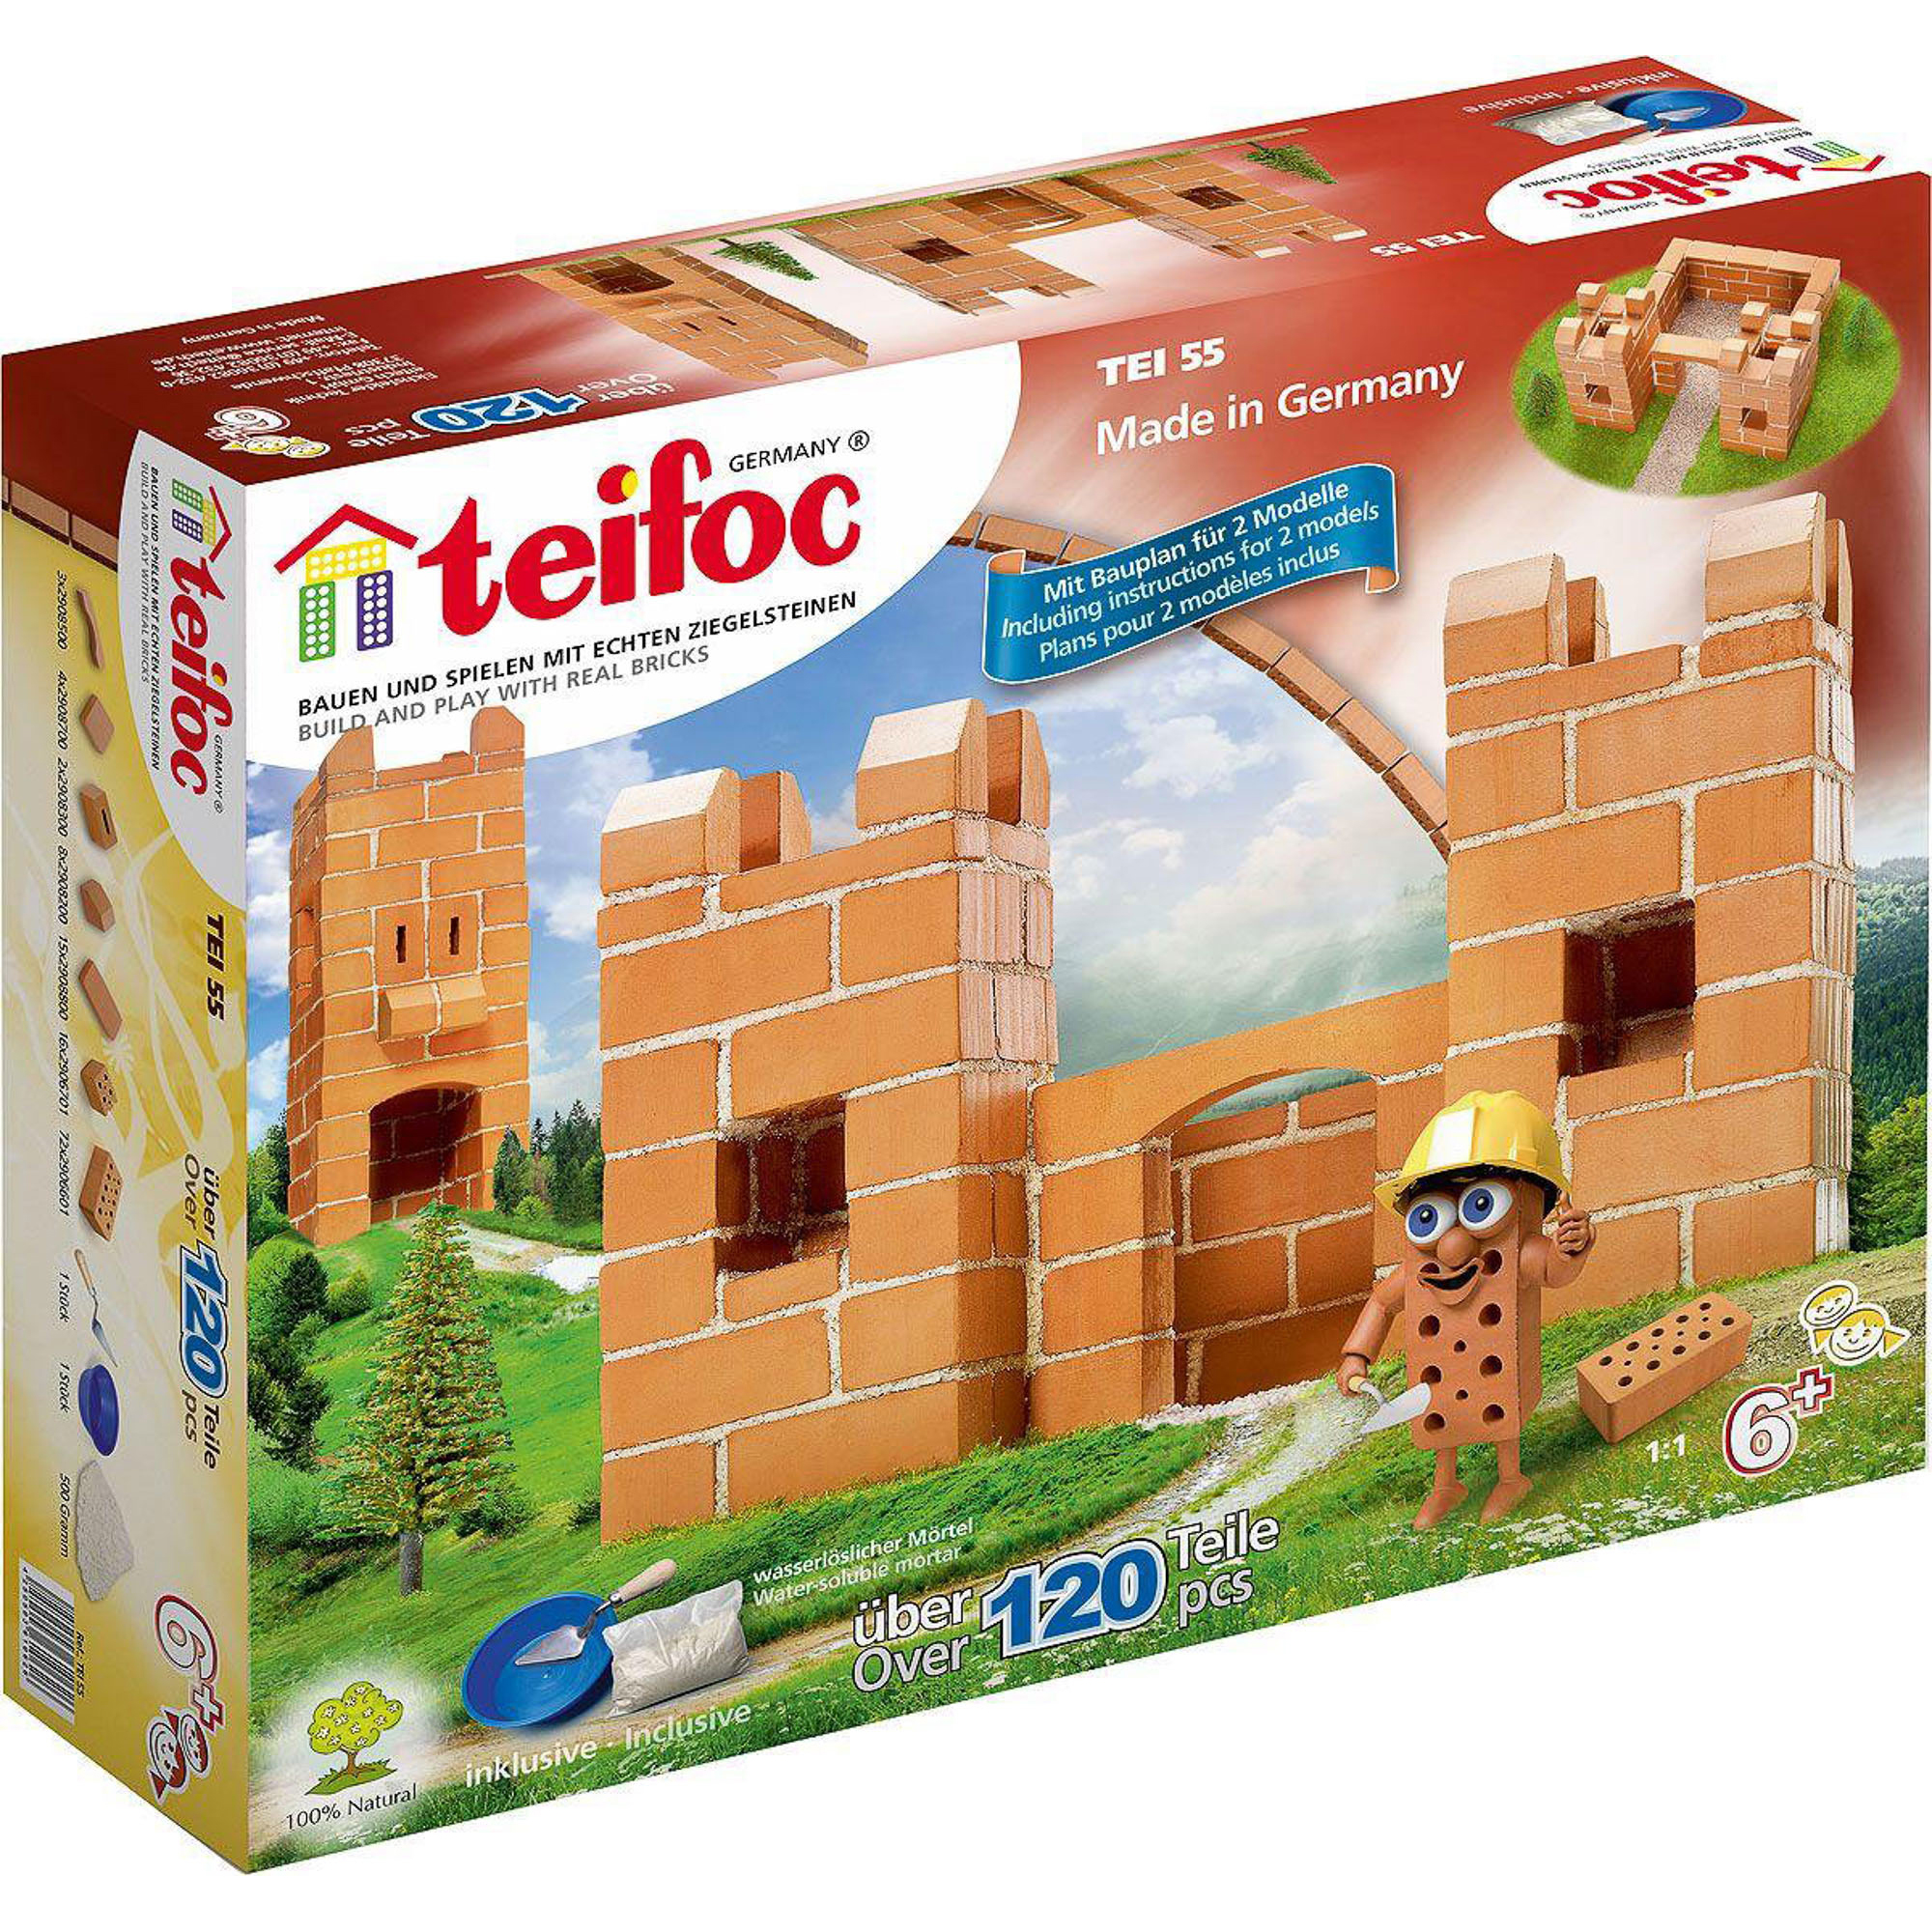 Купить Игровой набор TEIFOC Крепость 2 модели TEI 55, Германия, Глинянный кирпич, Наборы игровые